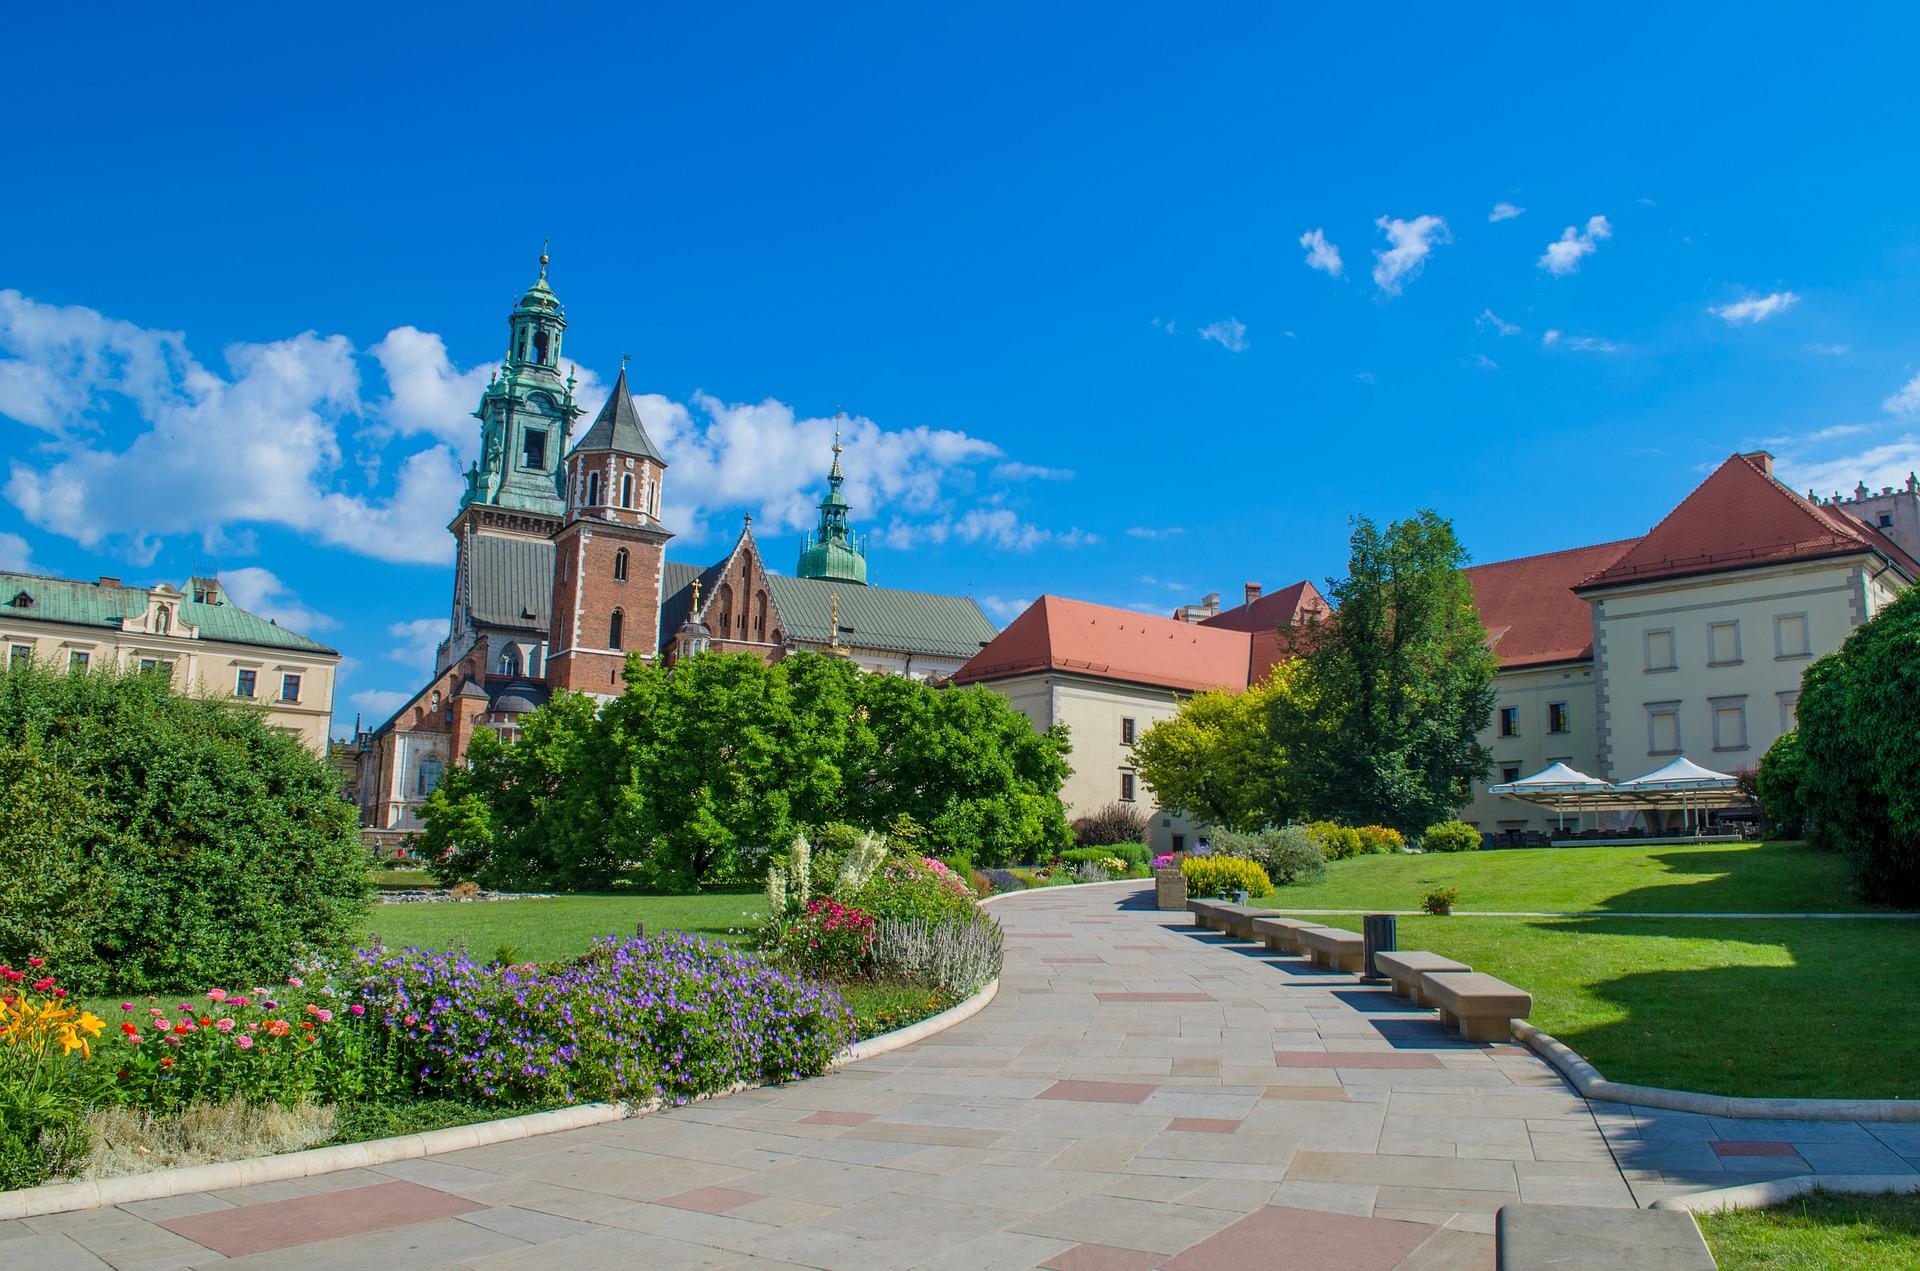 טיול מאורגן לפולין 6 ימים ארוחת בוקר